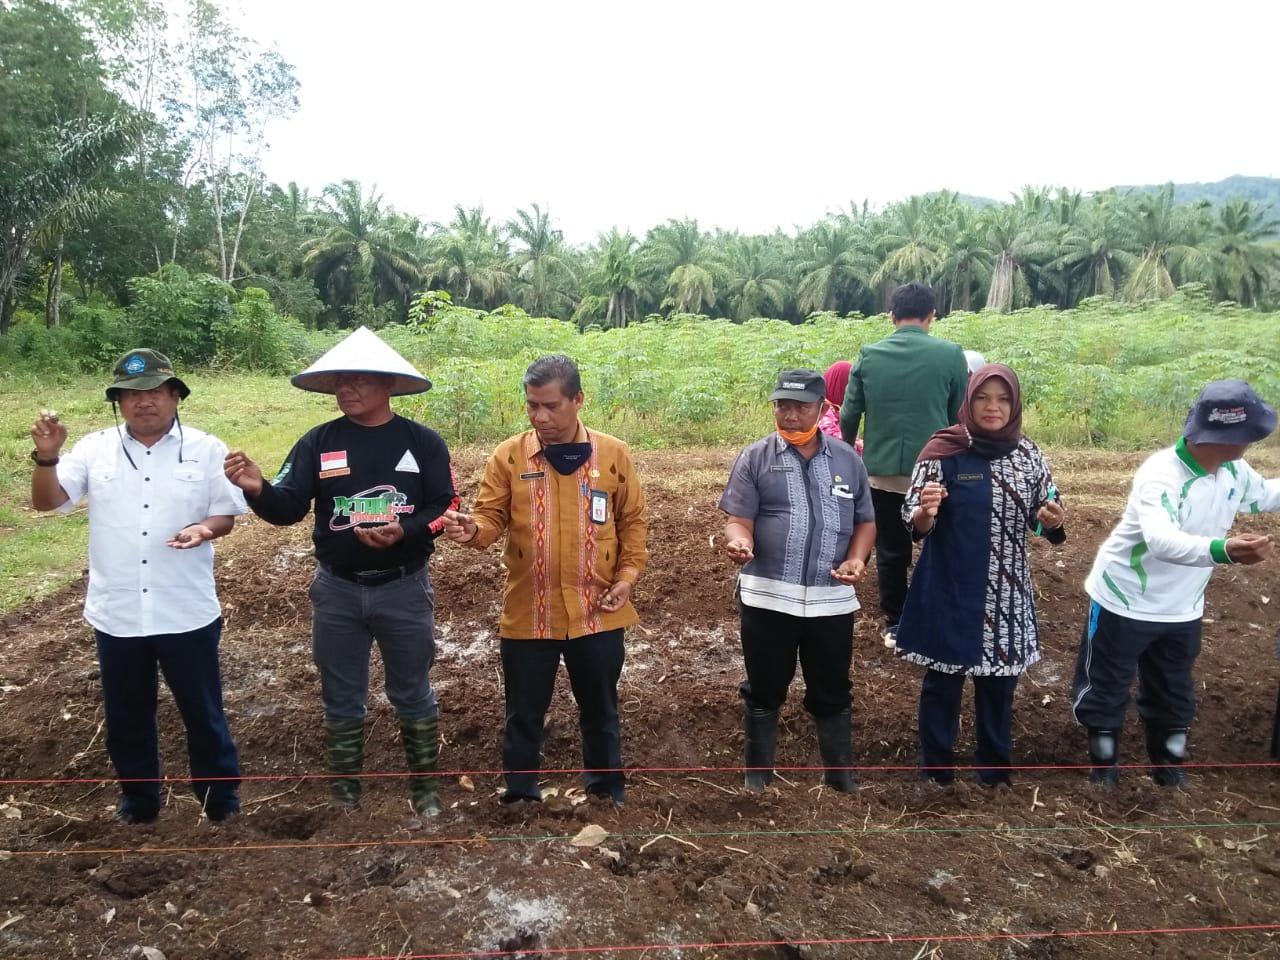 """Keikutasertaan Dekan Fakultas Pertanian (Dr. Ir. Sutan Pulungan, MSi) yang juga dosen Prodi Agribisnis, pada kegiatan """"DEMPLOT DAN TANAM PERDANA KOMODITI PORANG"""" di UPT. Benih Induk Aneka Umbi- Umbian Padangsidimpuan, bersama Komunitas Porang Amfunan Sumut, Kamis, 13 Agustus 2020"""